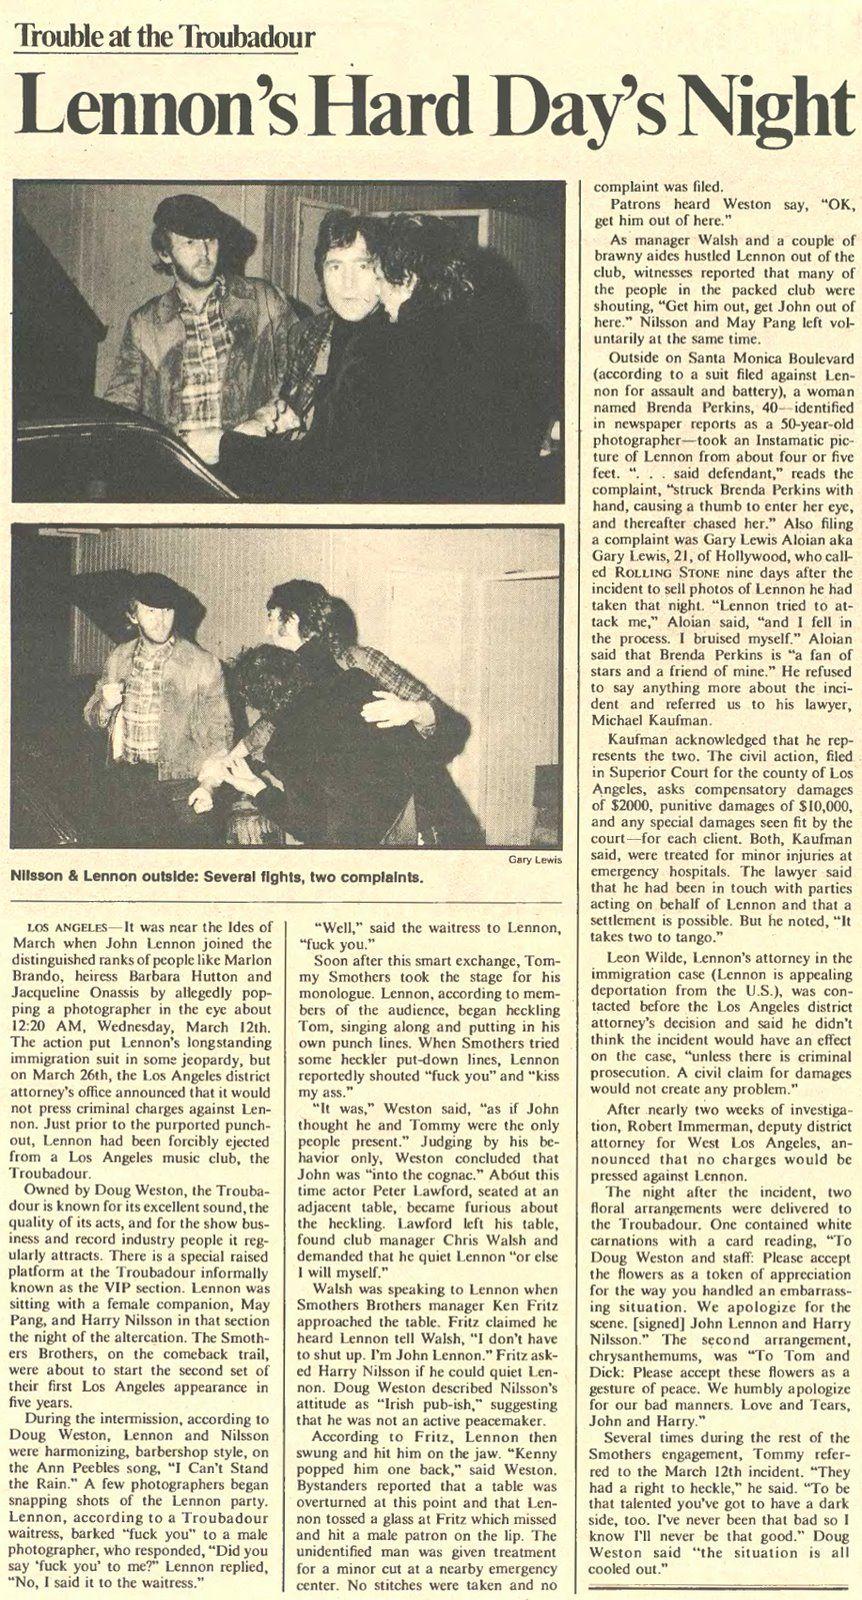 The Troubadour 'Incident', 12 March 1974 John Lennon